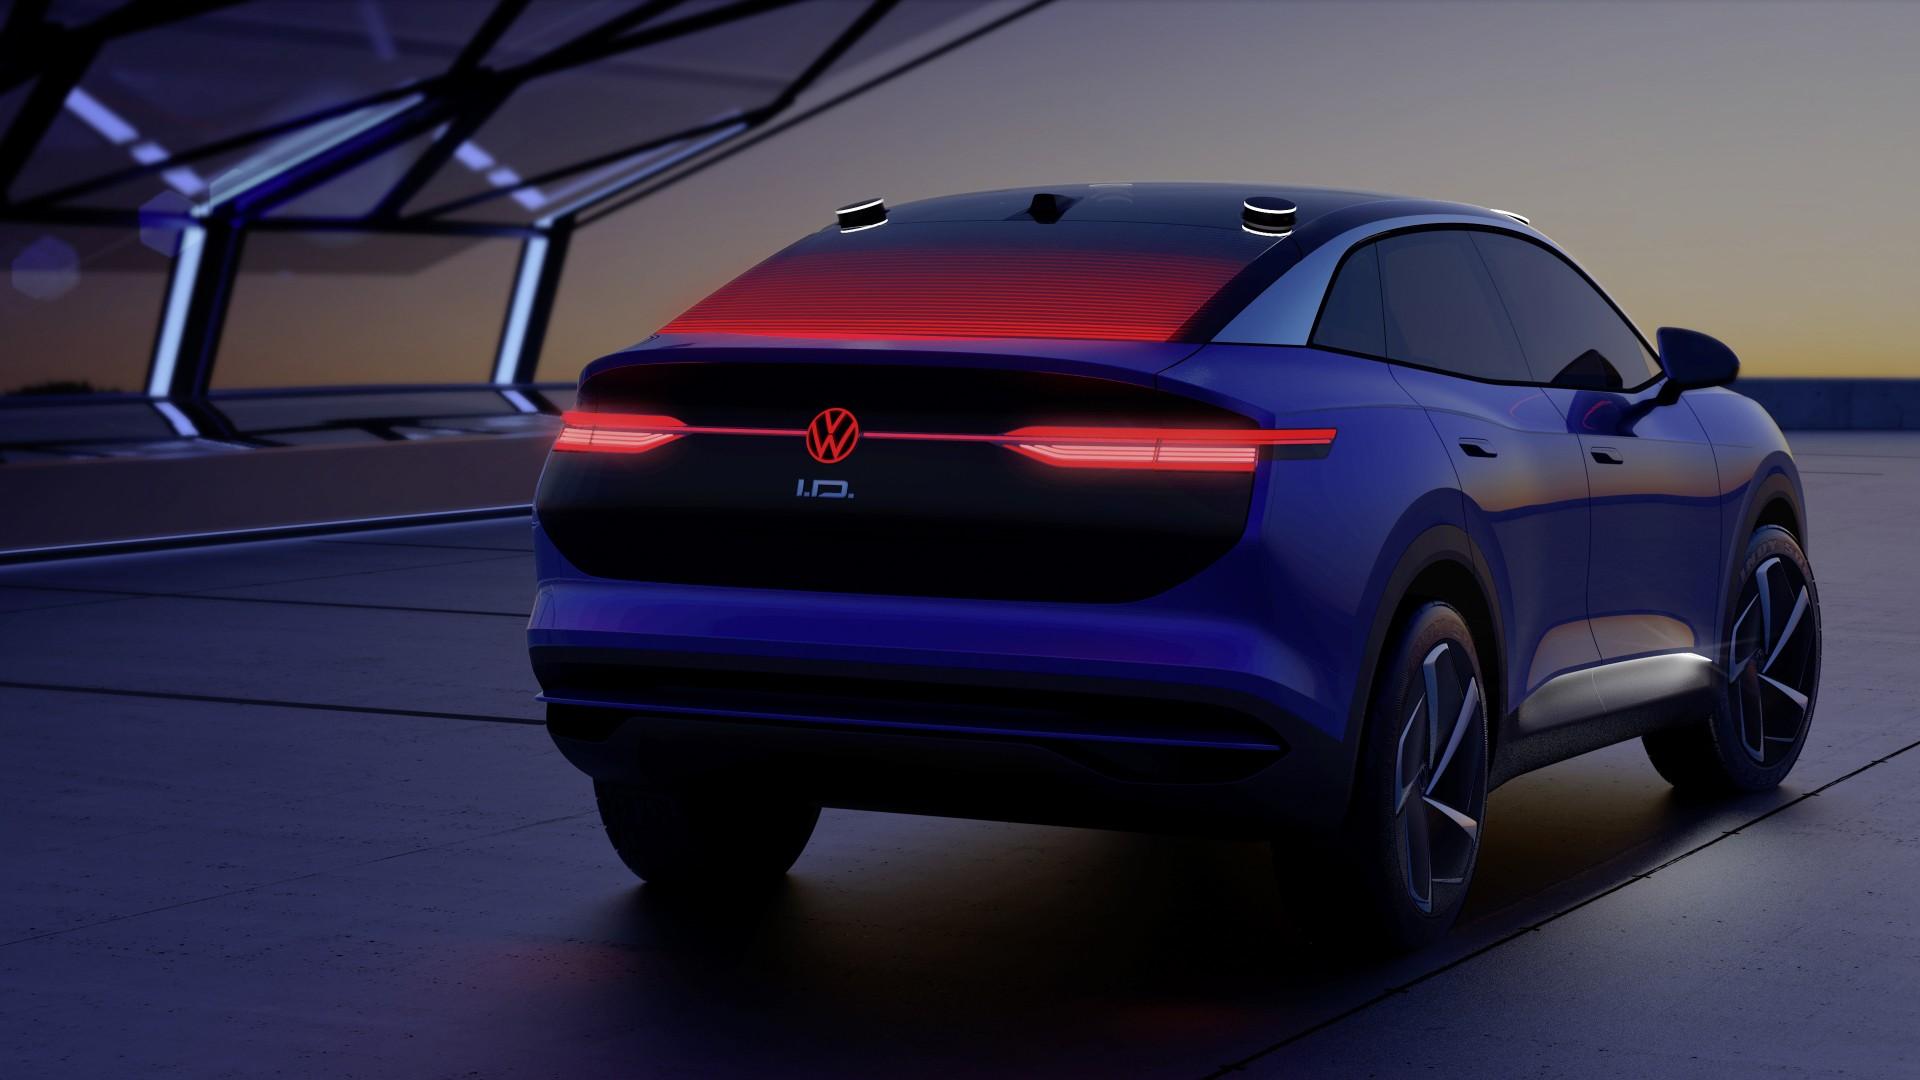 Volkswagen brengt auto's tot leven met innovatief lichtdesign - I.D. CROZZ